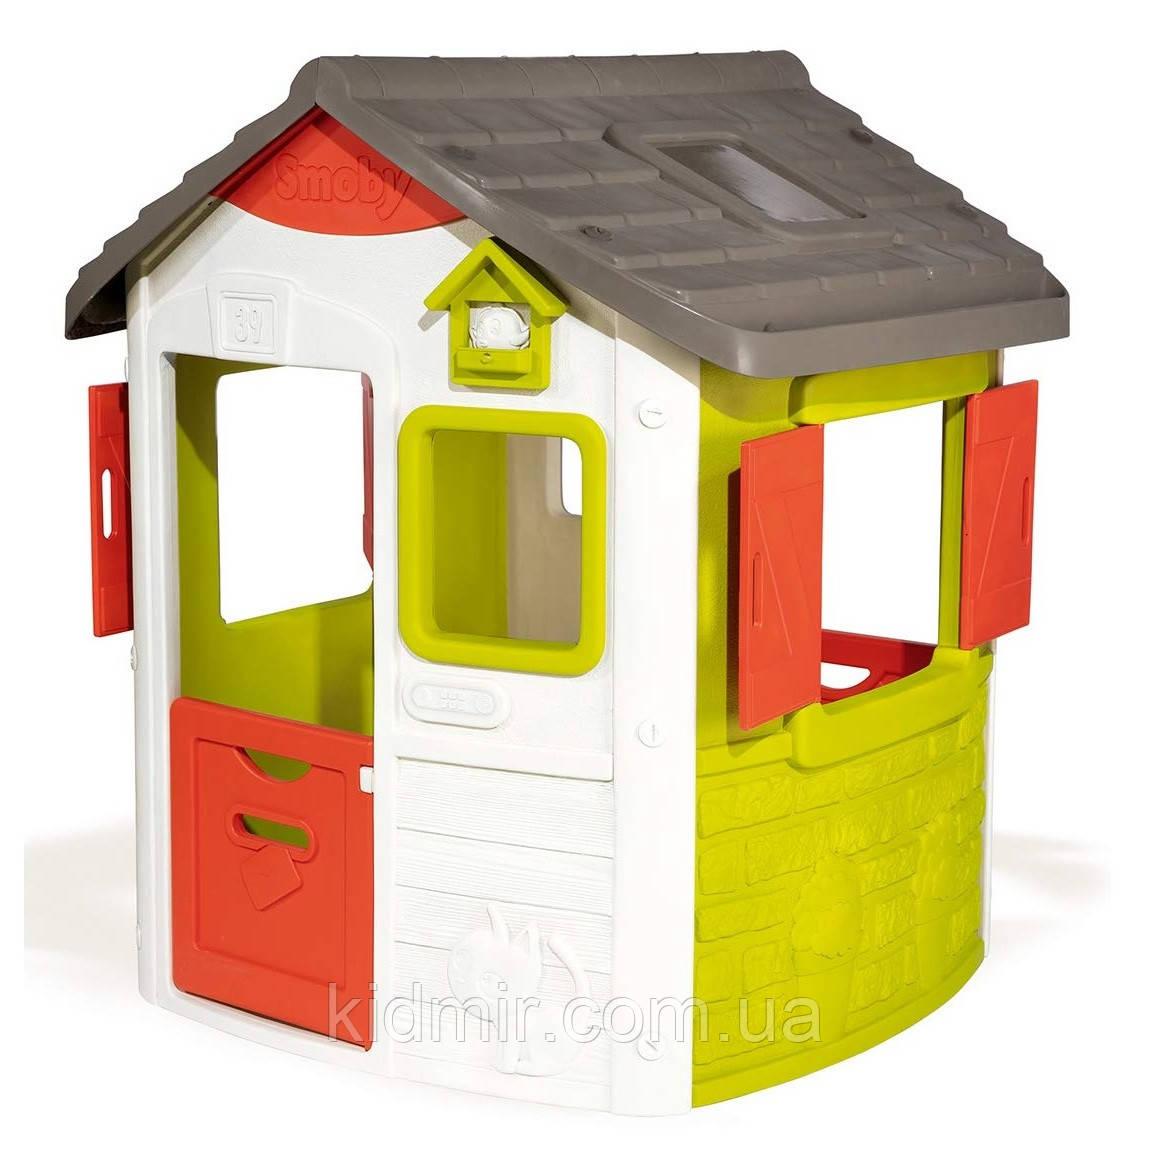 Домик садовый детский игровой со ставнями Нео Neo Jura Smoby 810500